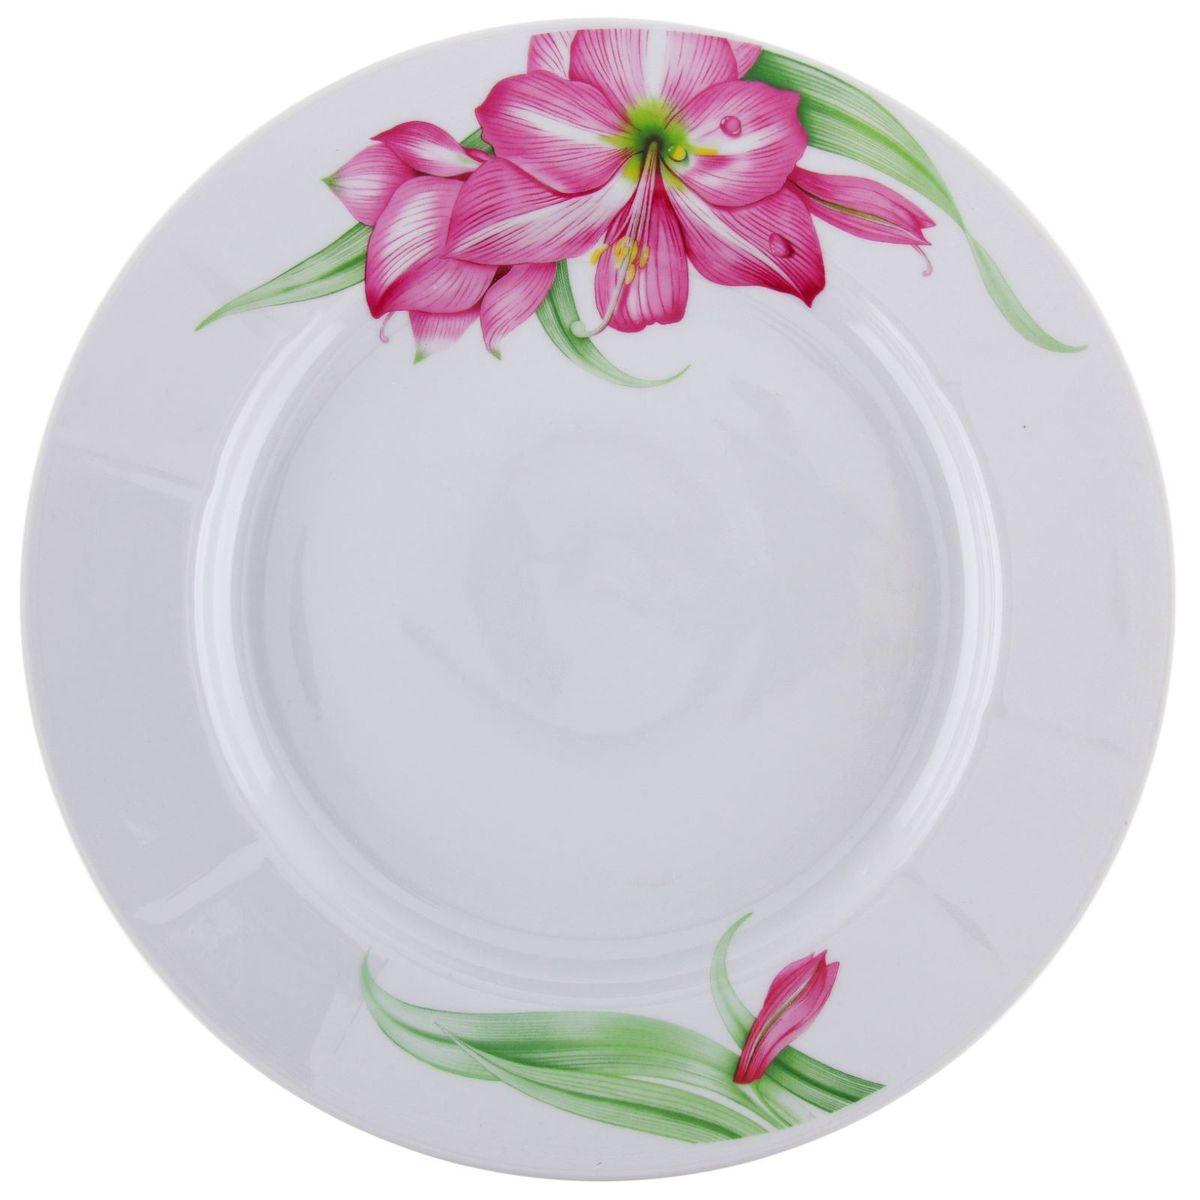 Тарелка мелкая Романс. Романтика, диаметр 24 см1332998Глубокая тарелка Романс. Романтика выполнена из высококачественного фарфора и украшена ярким изображением. Она прекрасно впишется в интерьер вашей кухни и станет достойным дополнением к кухонному инвентарю. Тарелка Романс. Романтика подчеркнет прекрасный вкус хозяйки и станет отличным подарком.